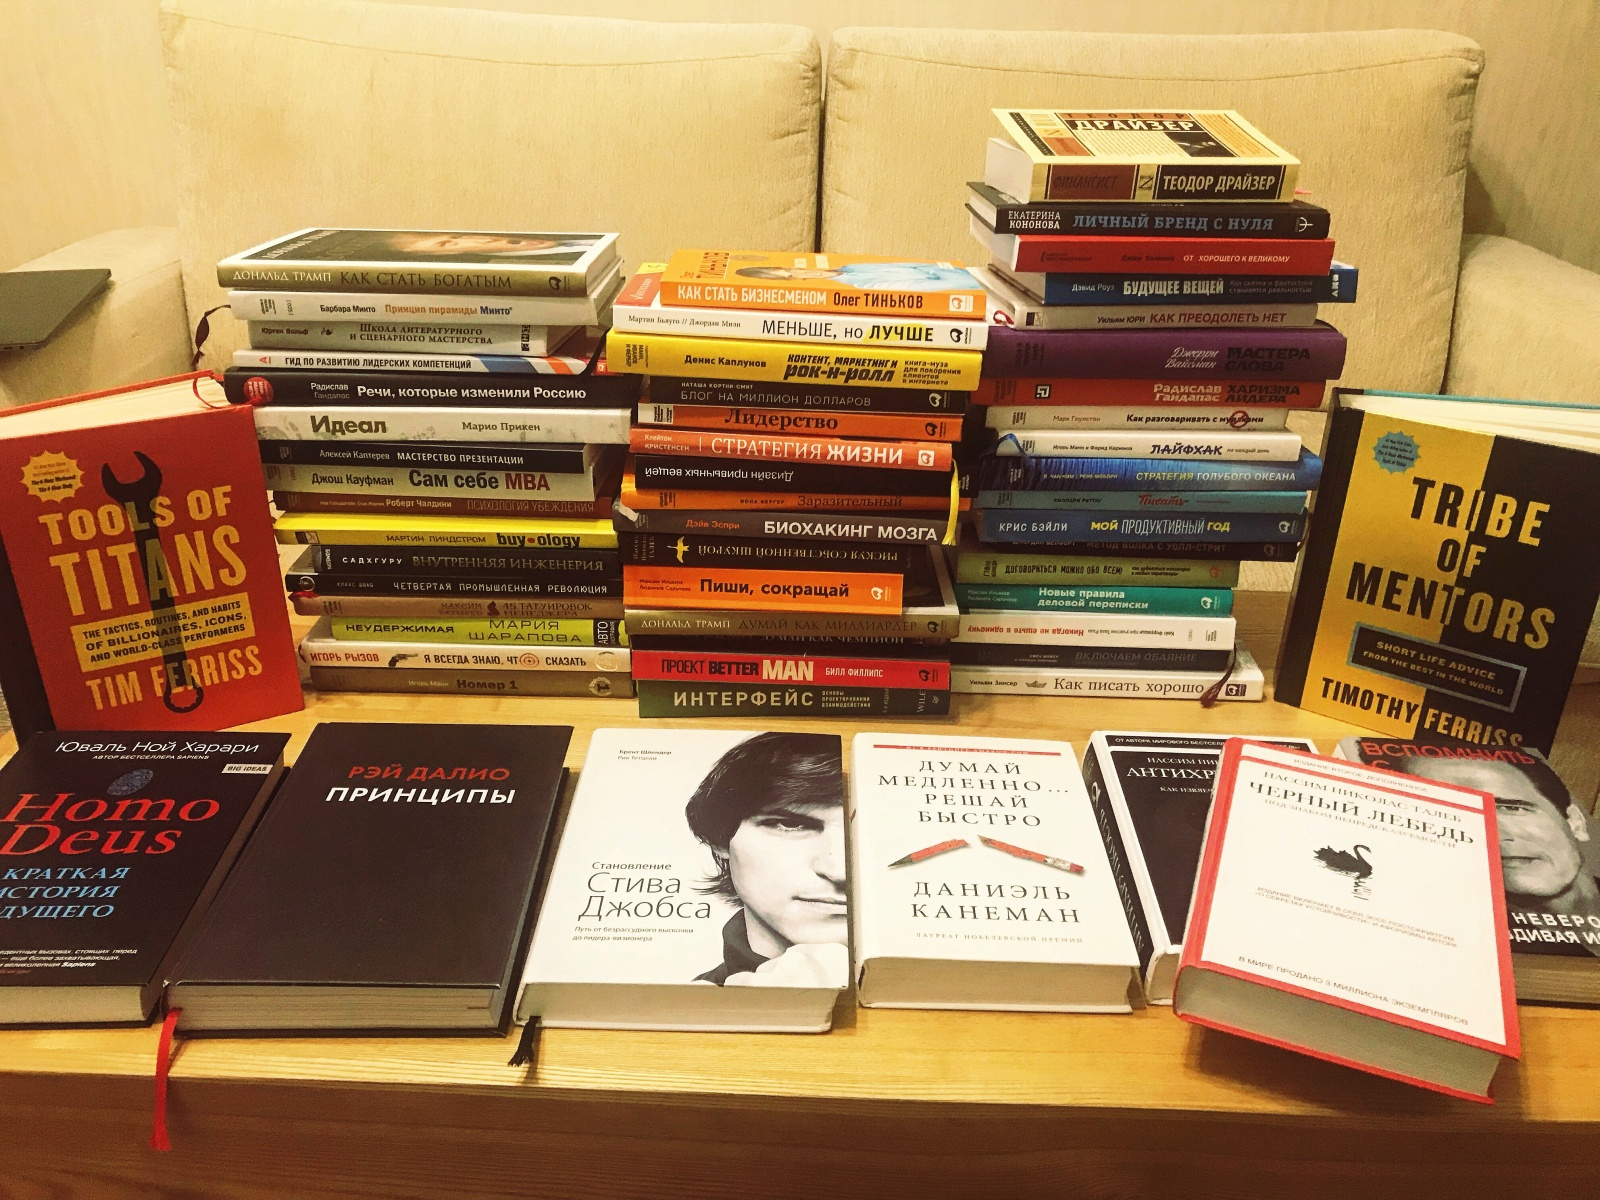 Полезный обзор. 28 книг, которые повлияли на мое мышление, вдохновили или сделали лучше - 1